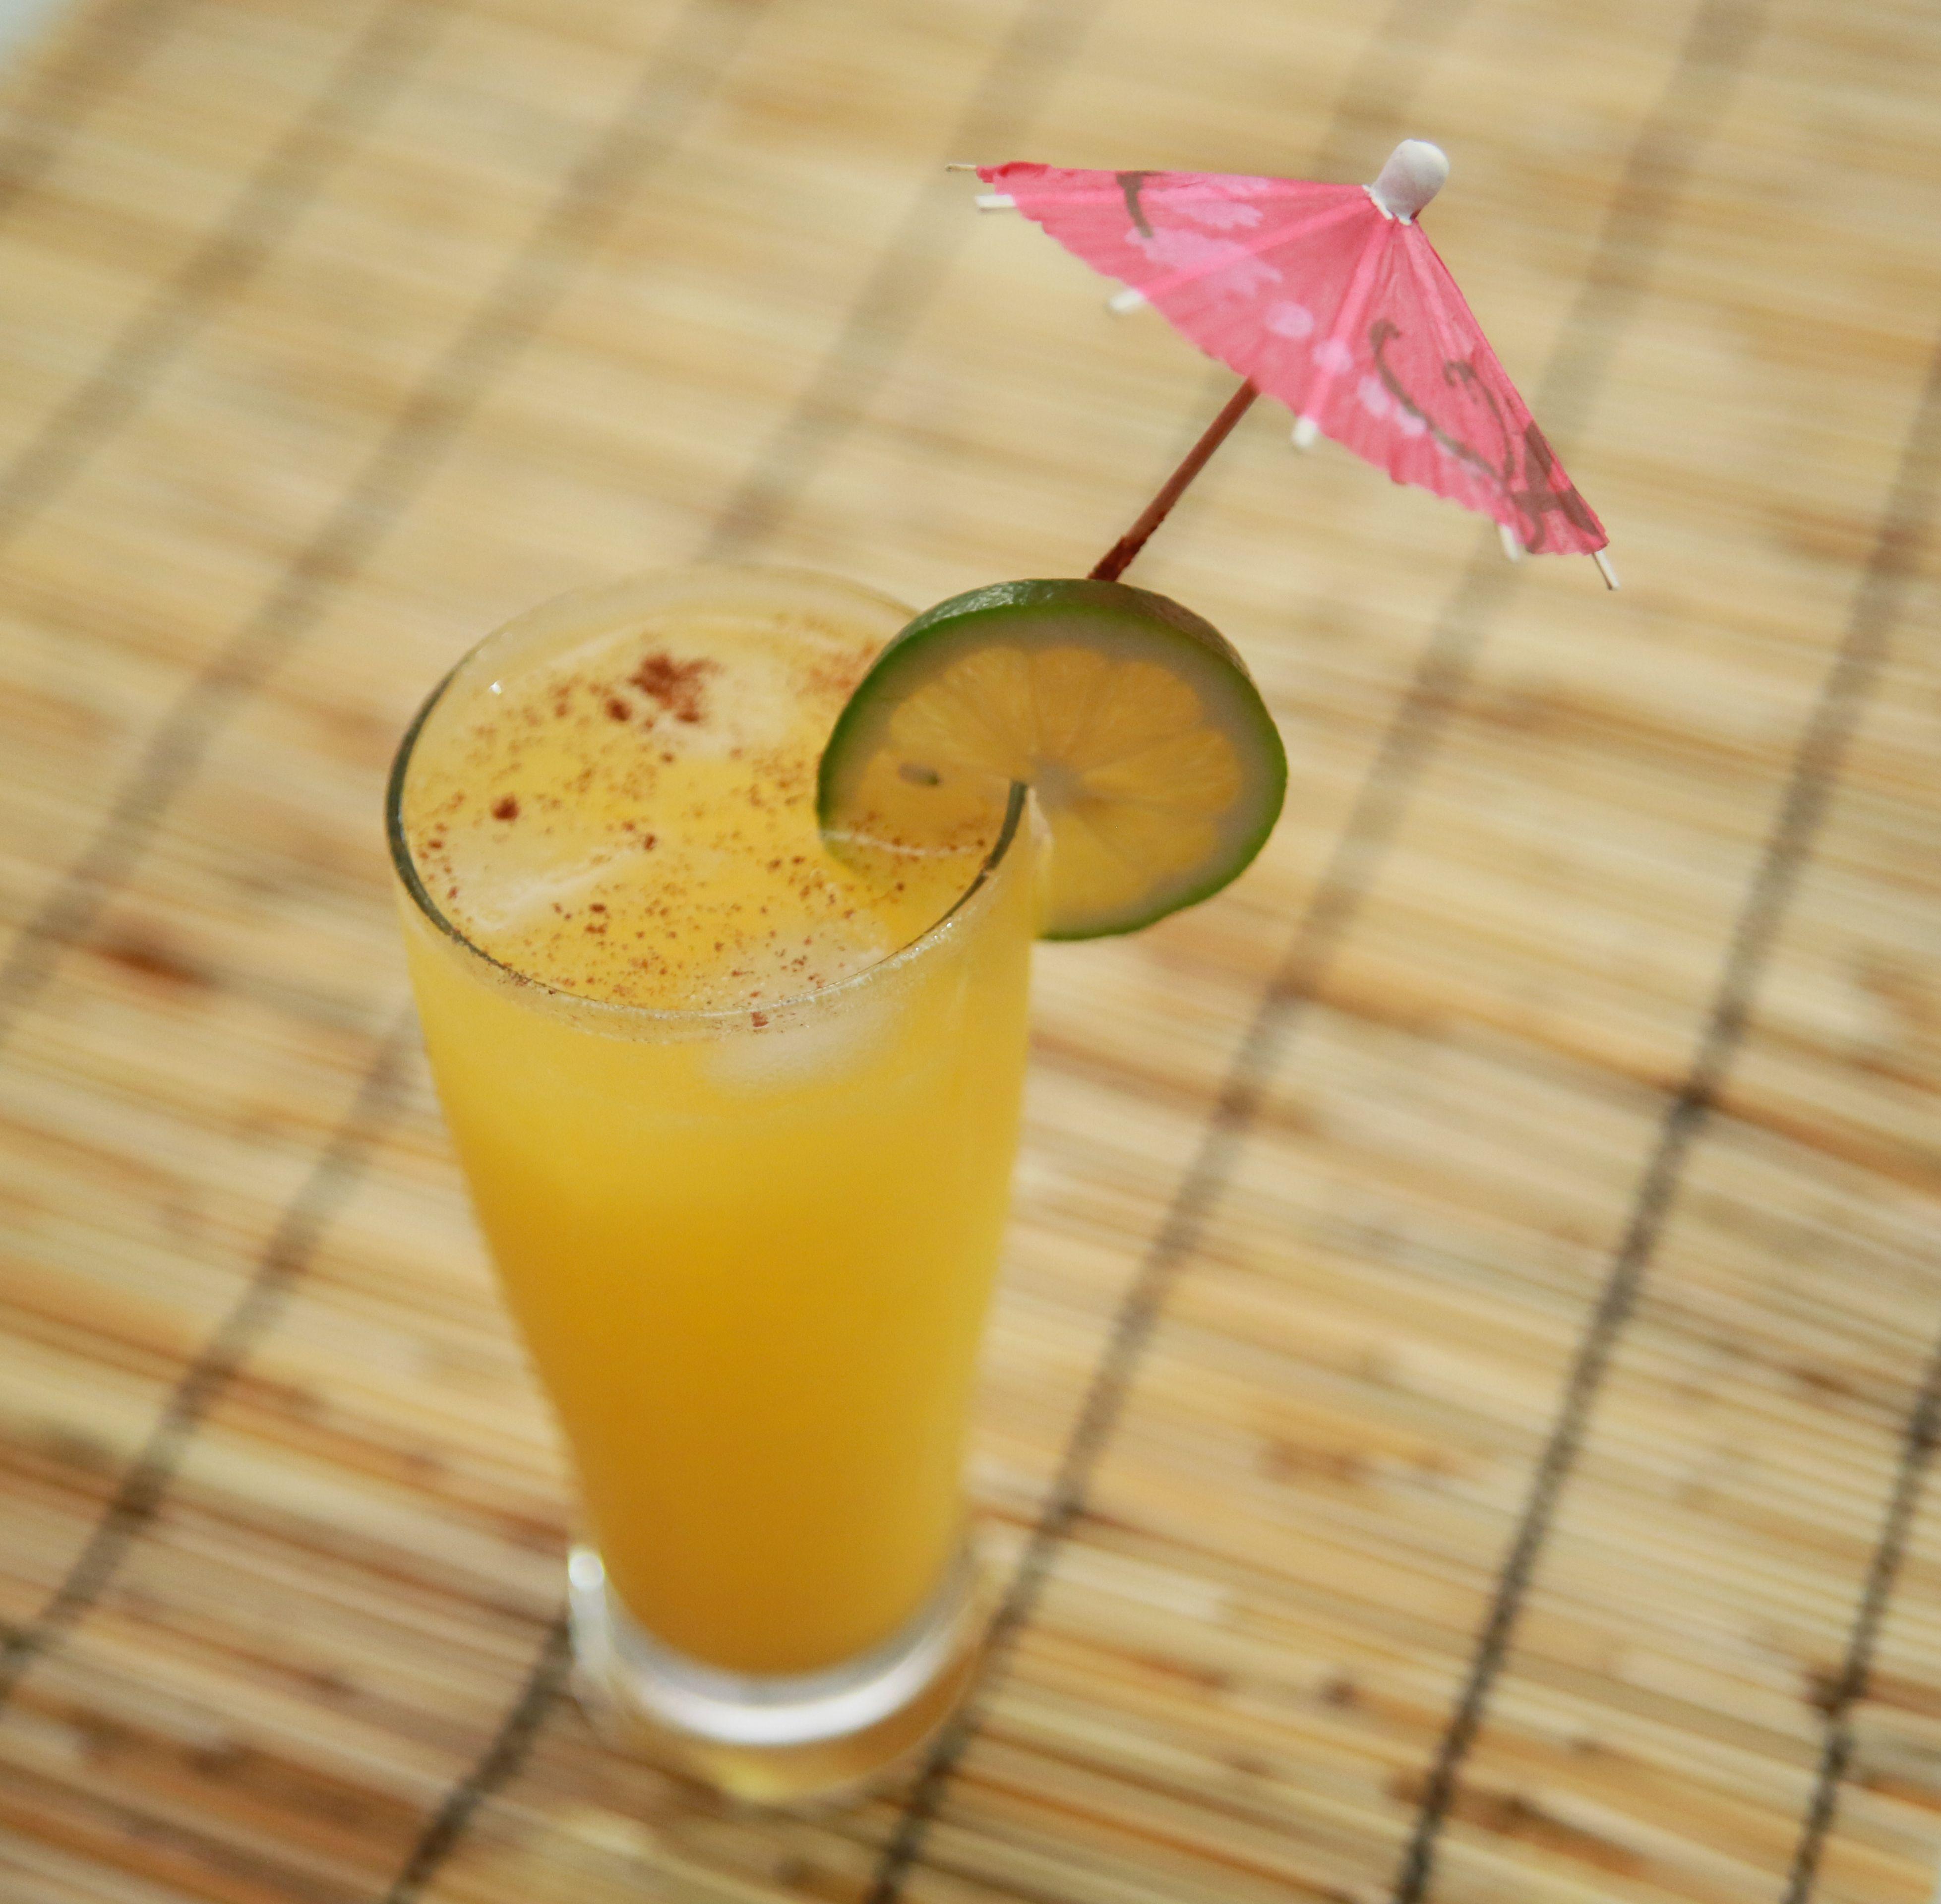 Make a painkiller cocktail pickle vodka pickle juice